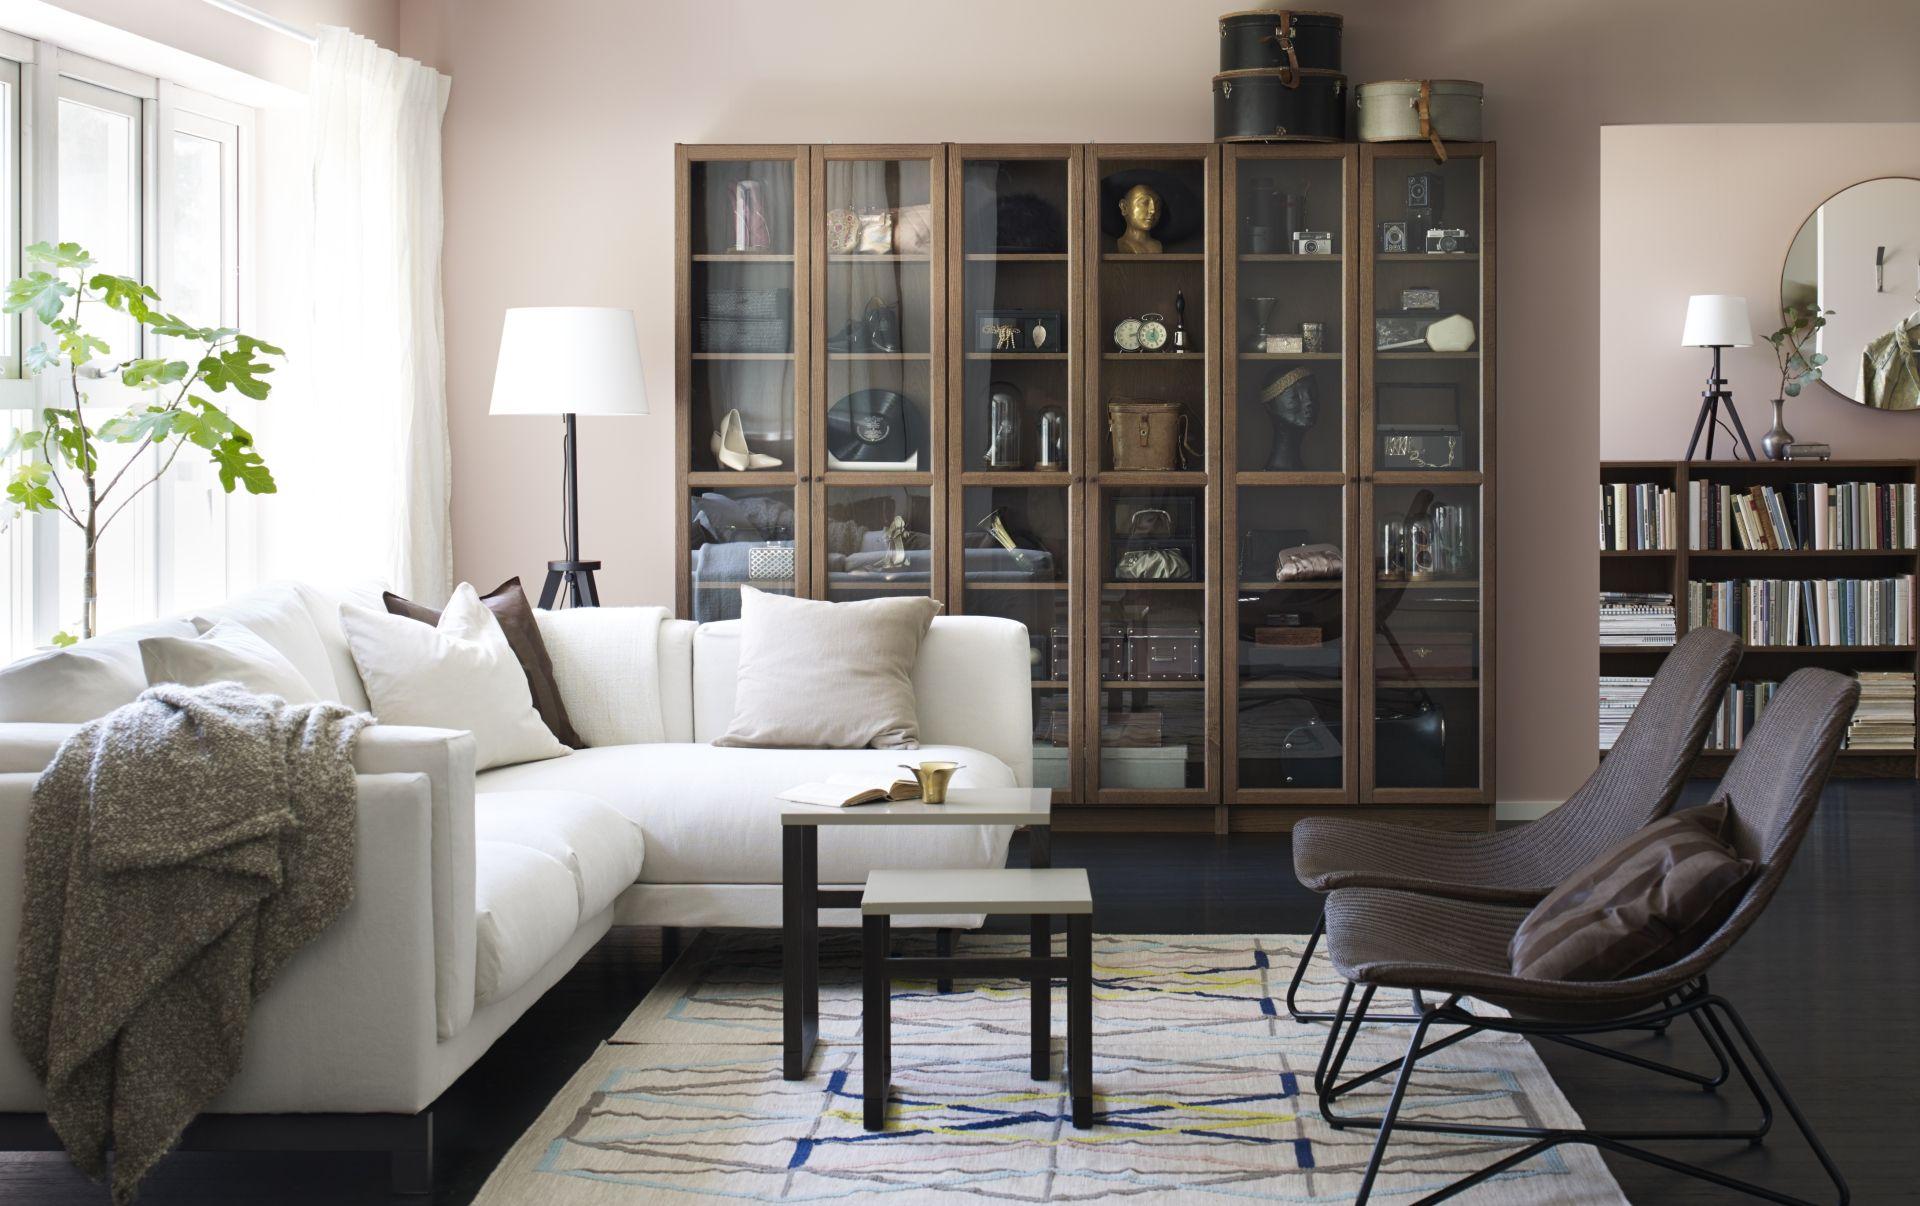 Ikea Billy Inspiratie : Billy boekenkast met deuren ikea ikeanederland inspiratie